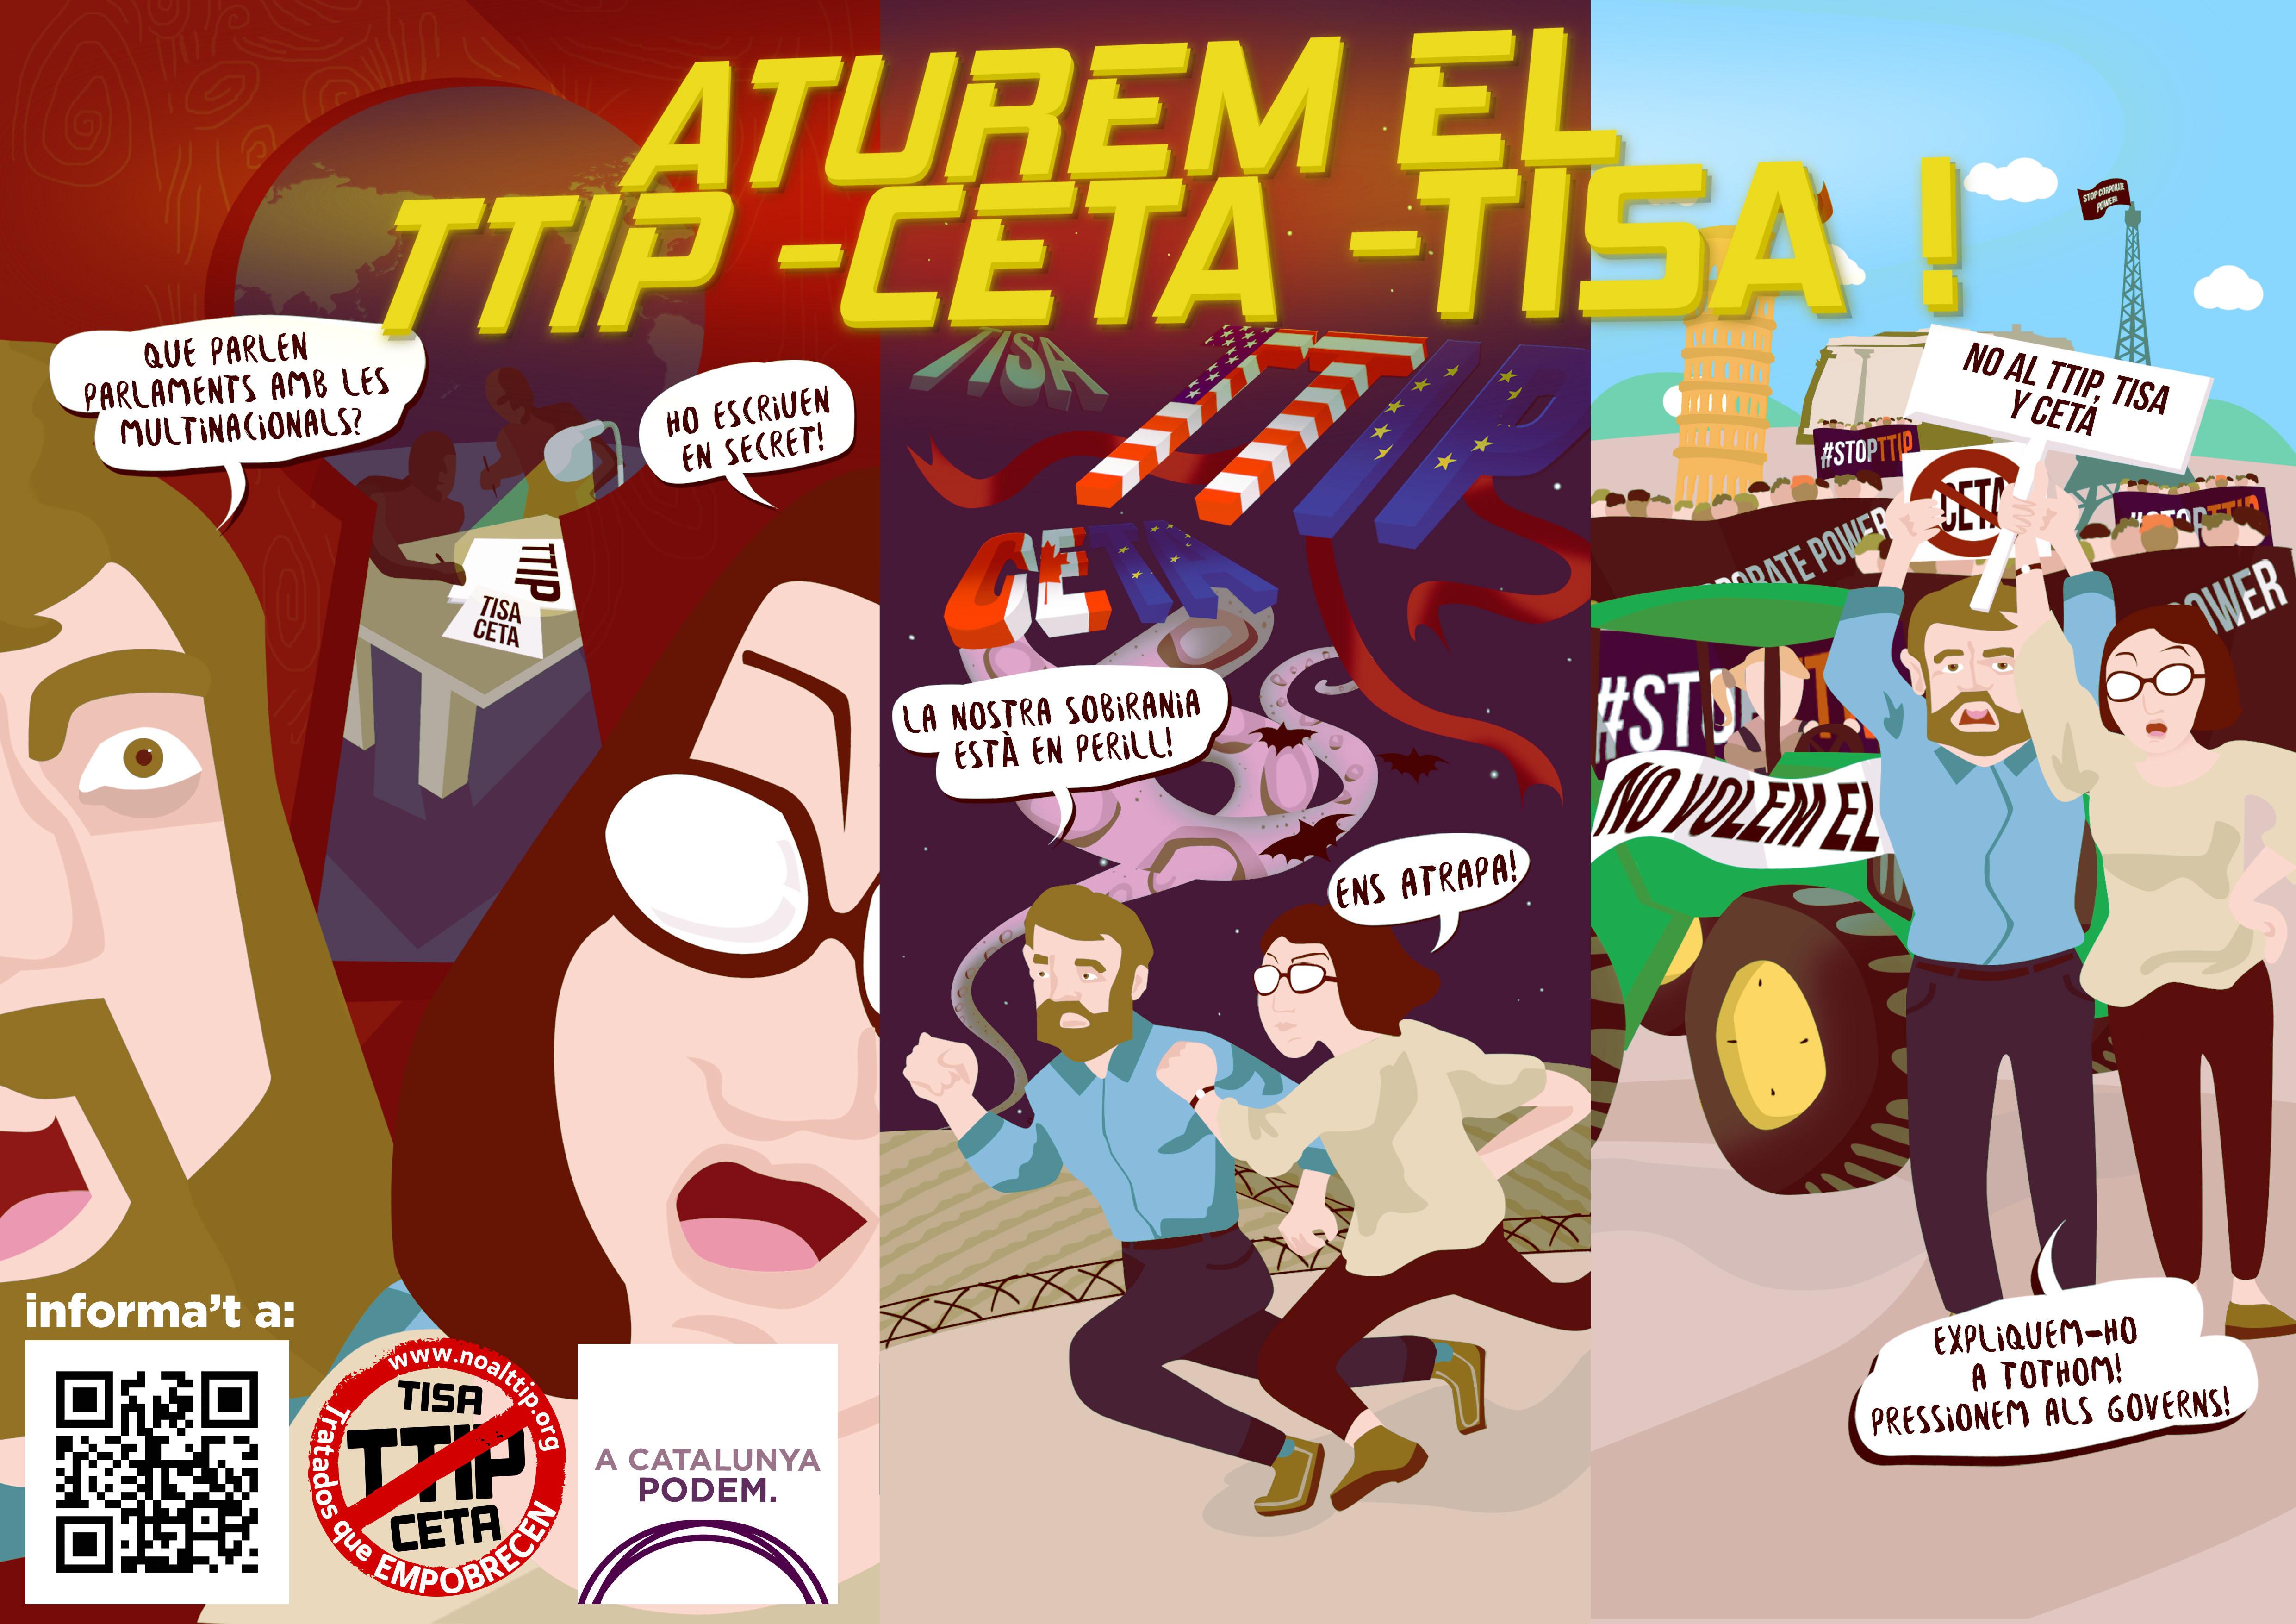 podem-contra-el-ttip_ceta_tisa_cartel_02